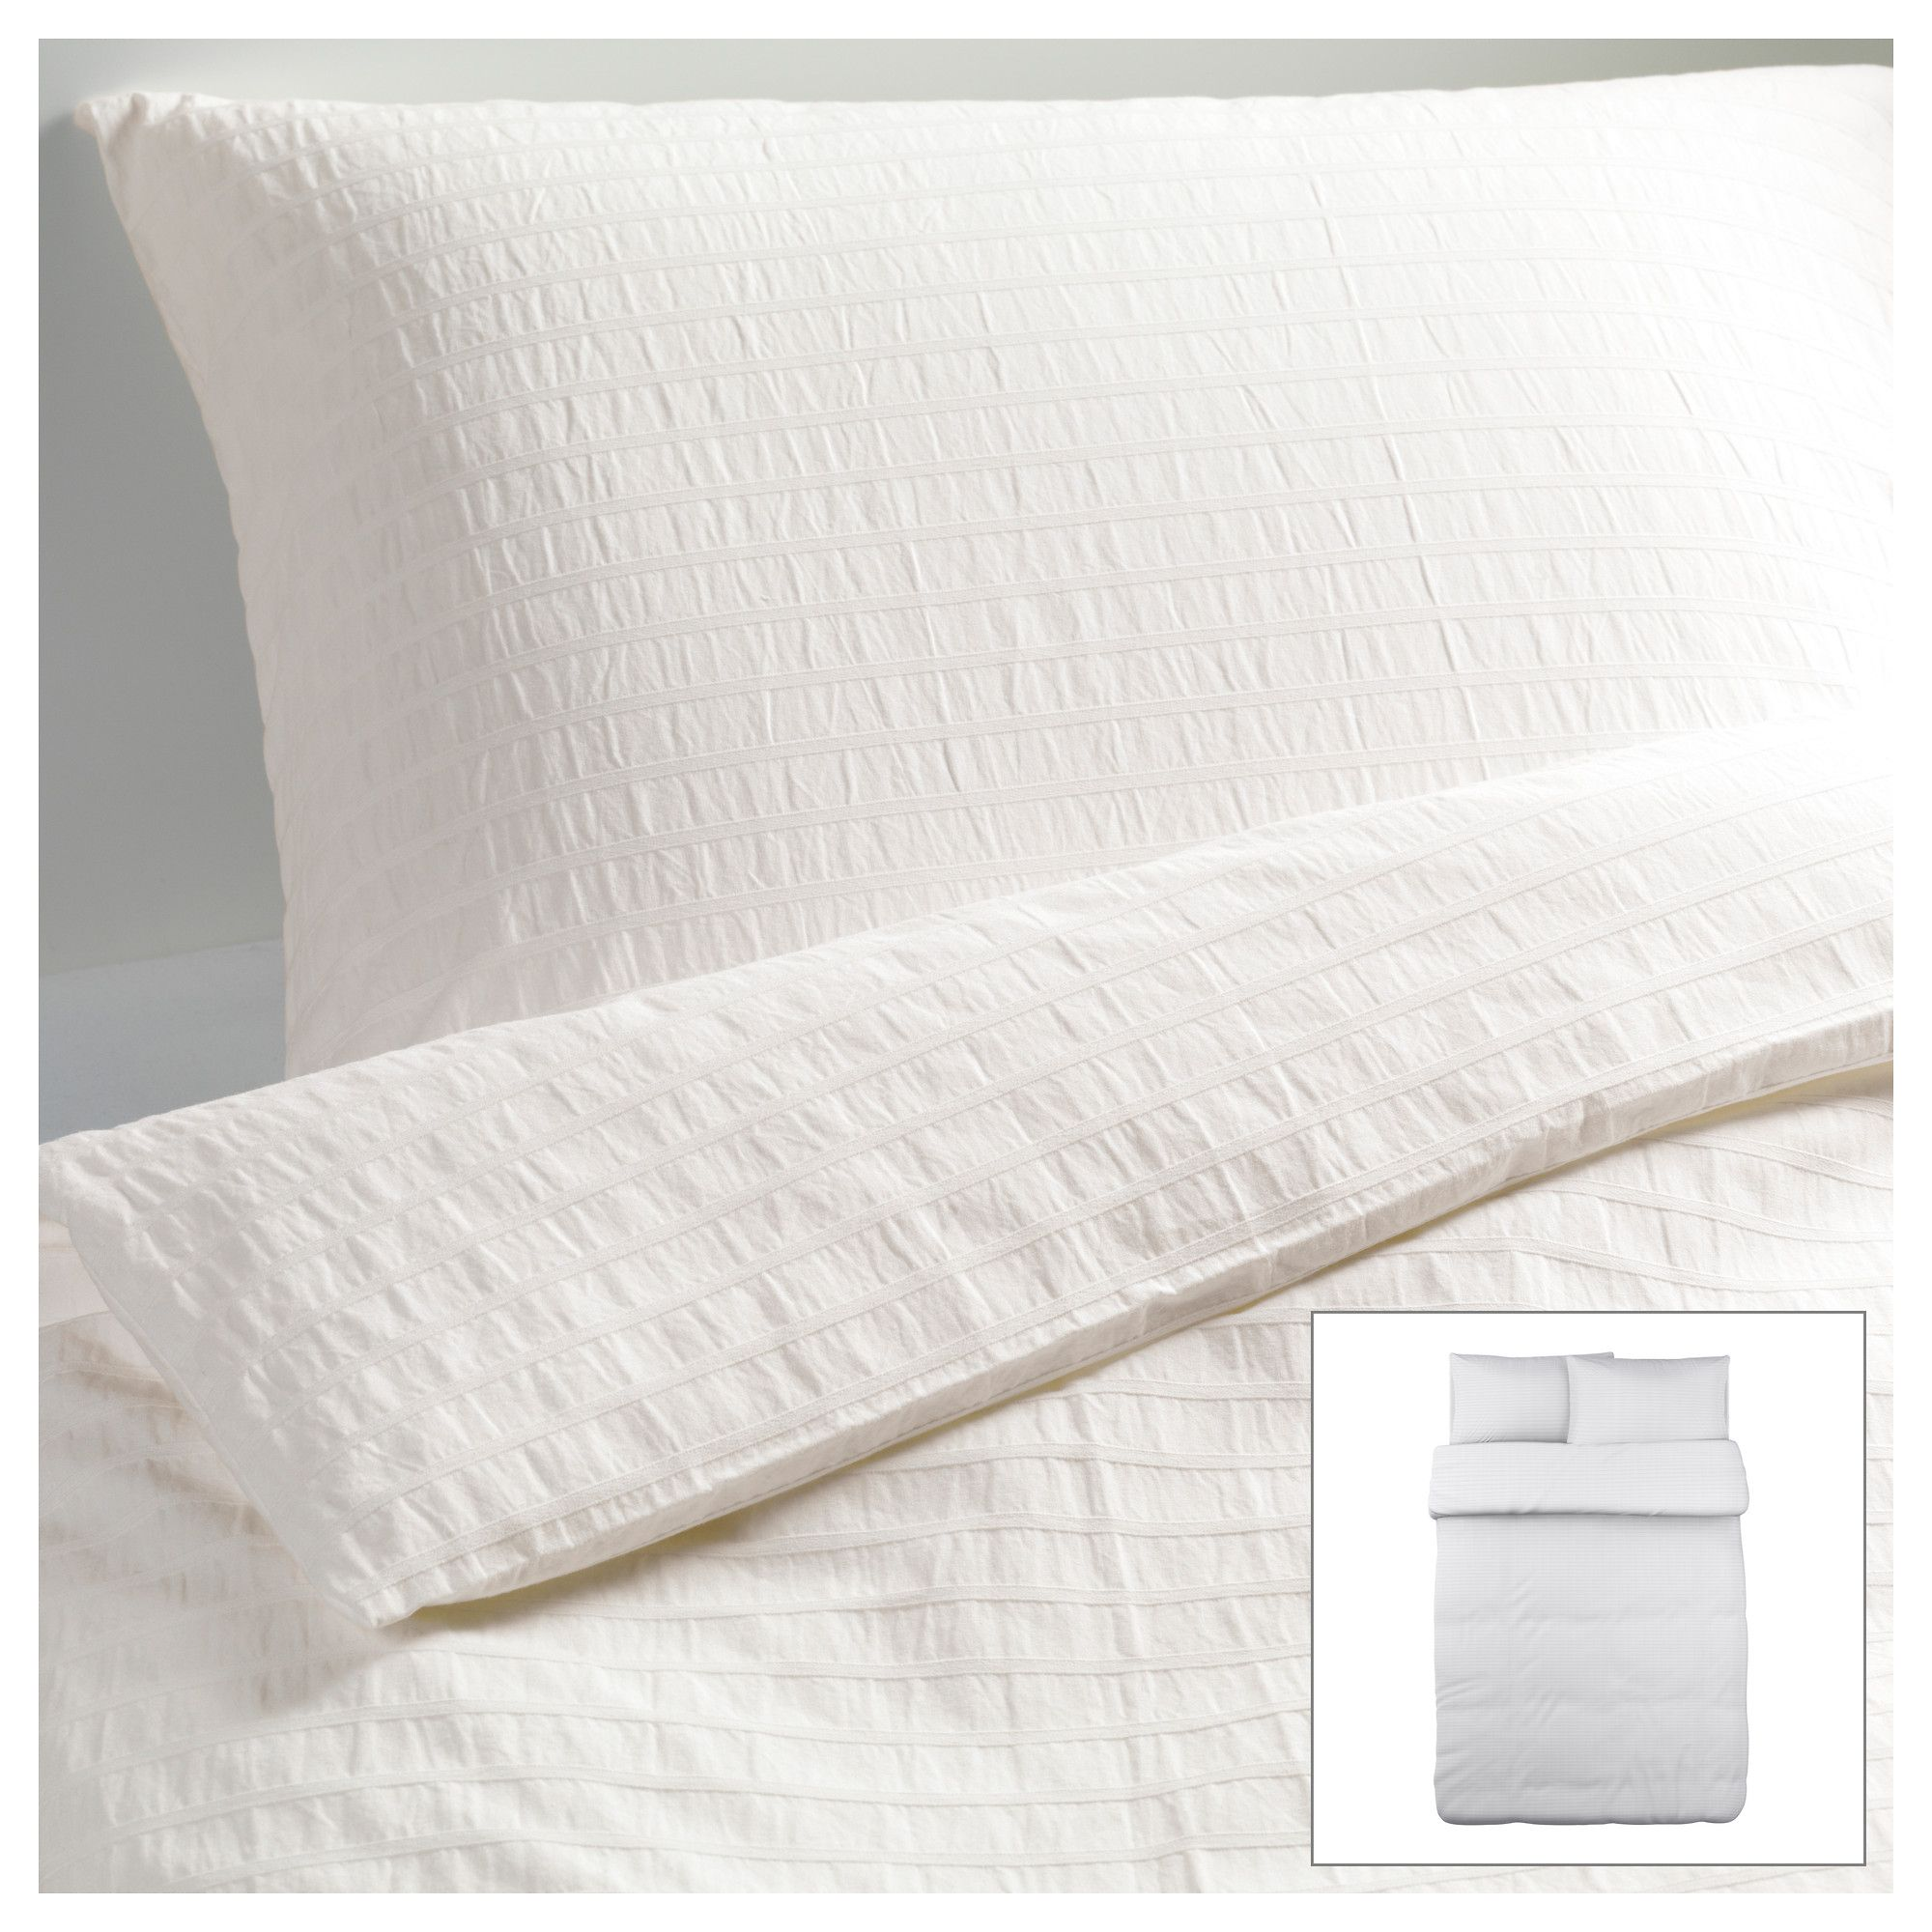 OFELIA VASS Duvet cover and pillowcase(s) white Full